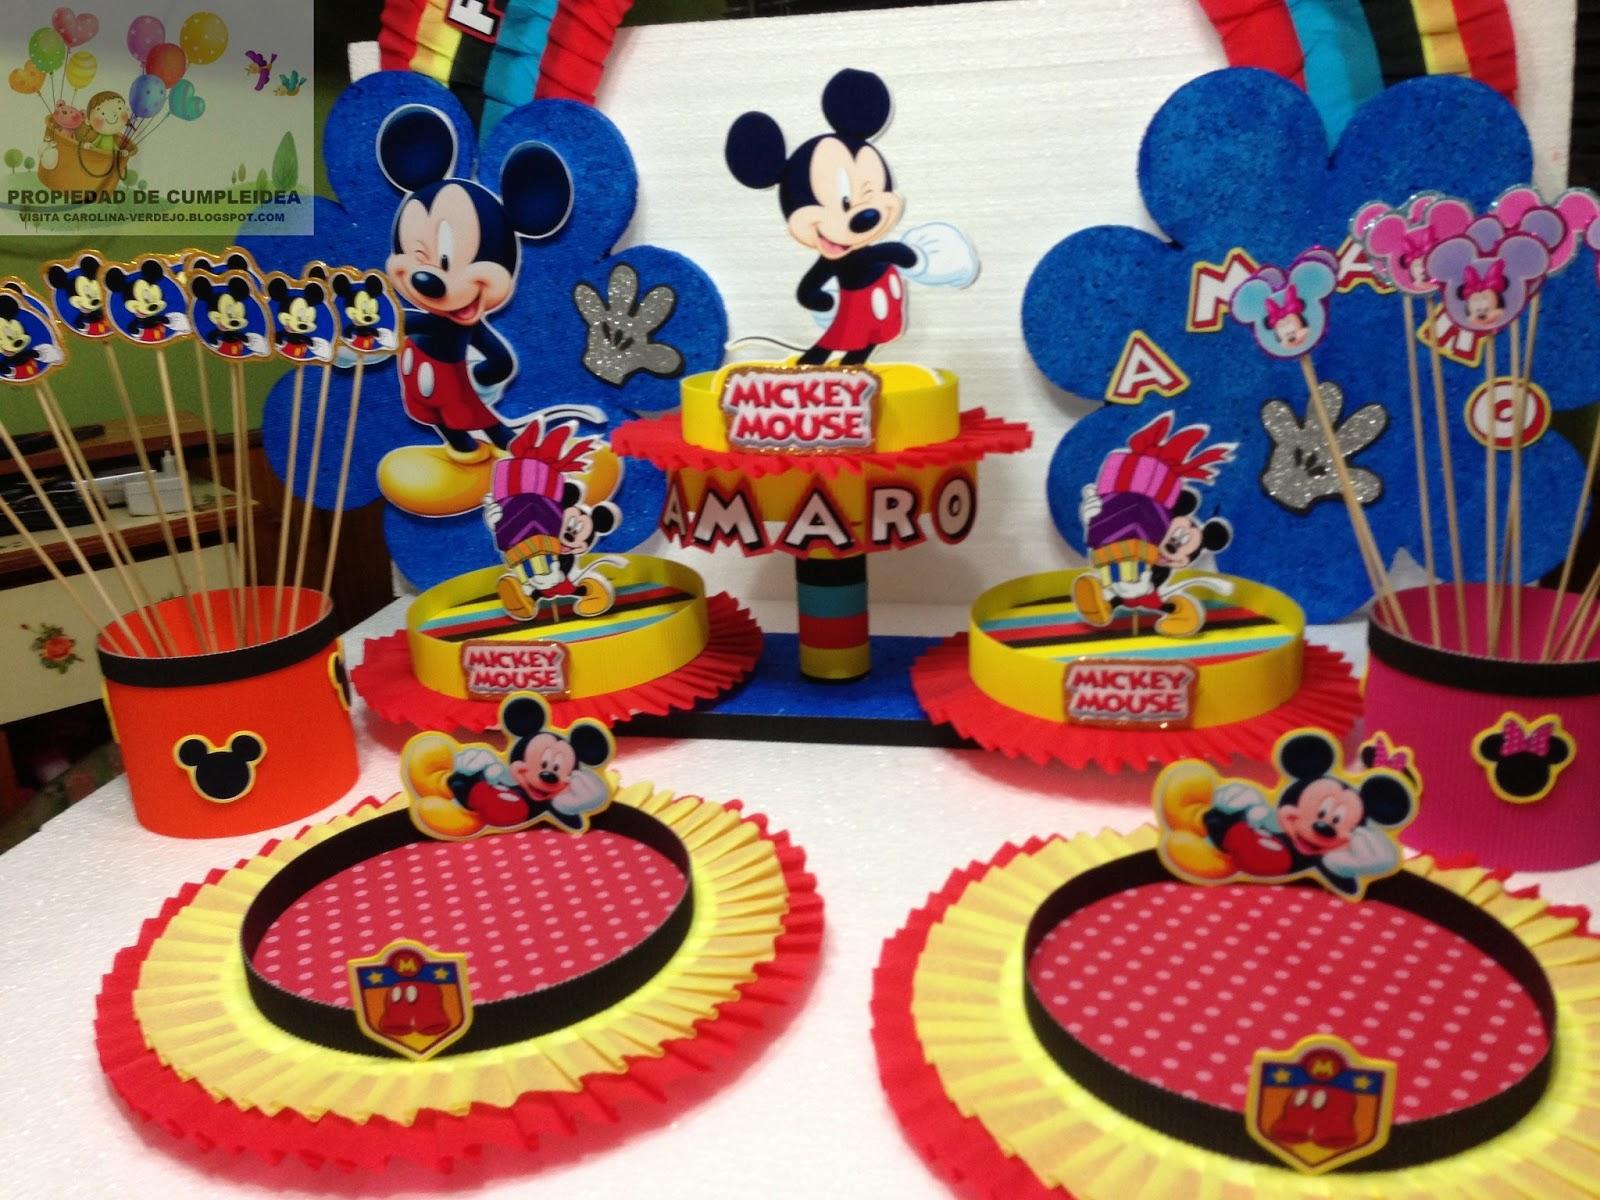 Mickey Mouse Decoracion Mesa ~ Publicado por Carolina Verdejo S en 19 51